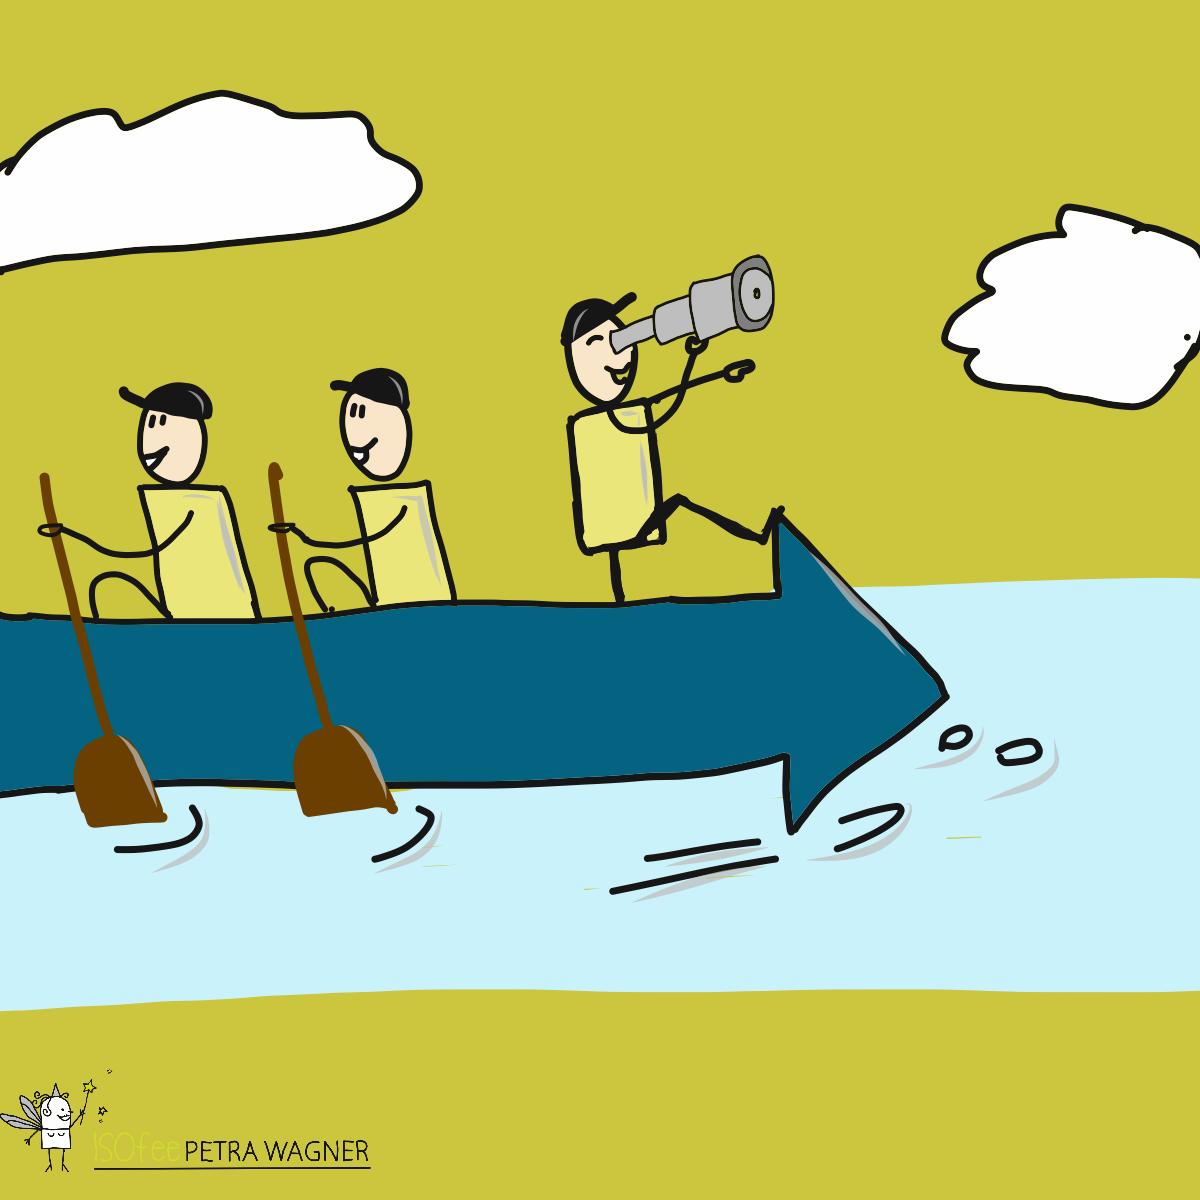 alle sitzen in einem Boot - gemeinsam entscheiden